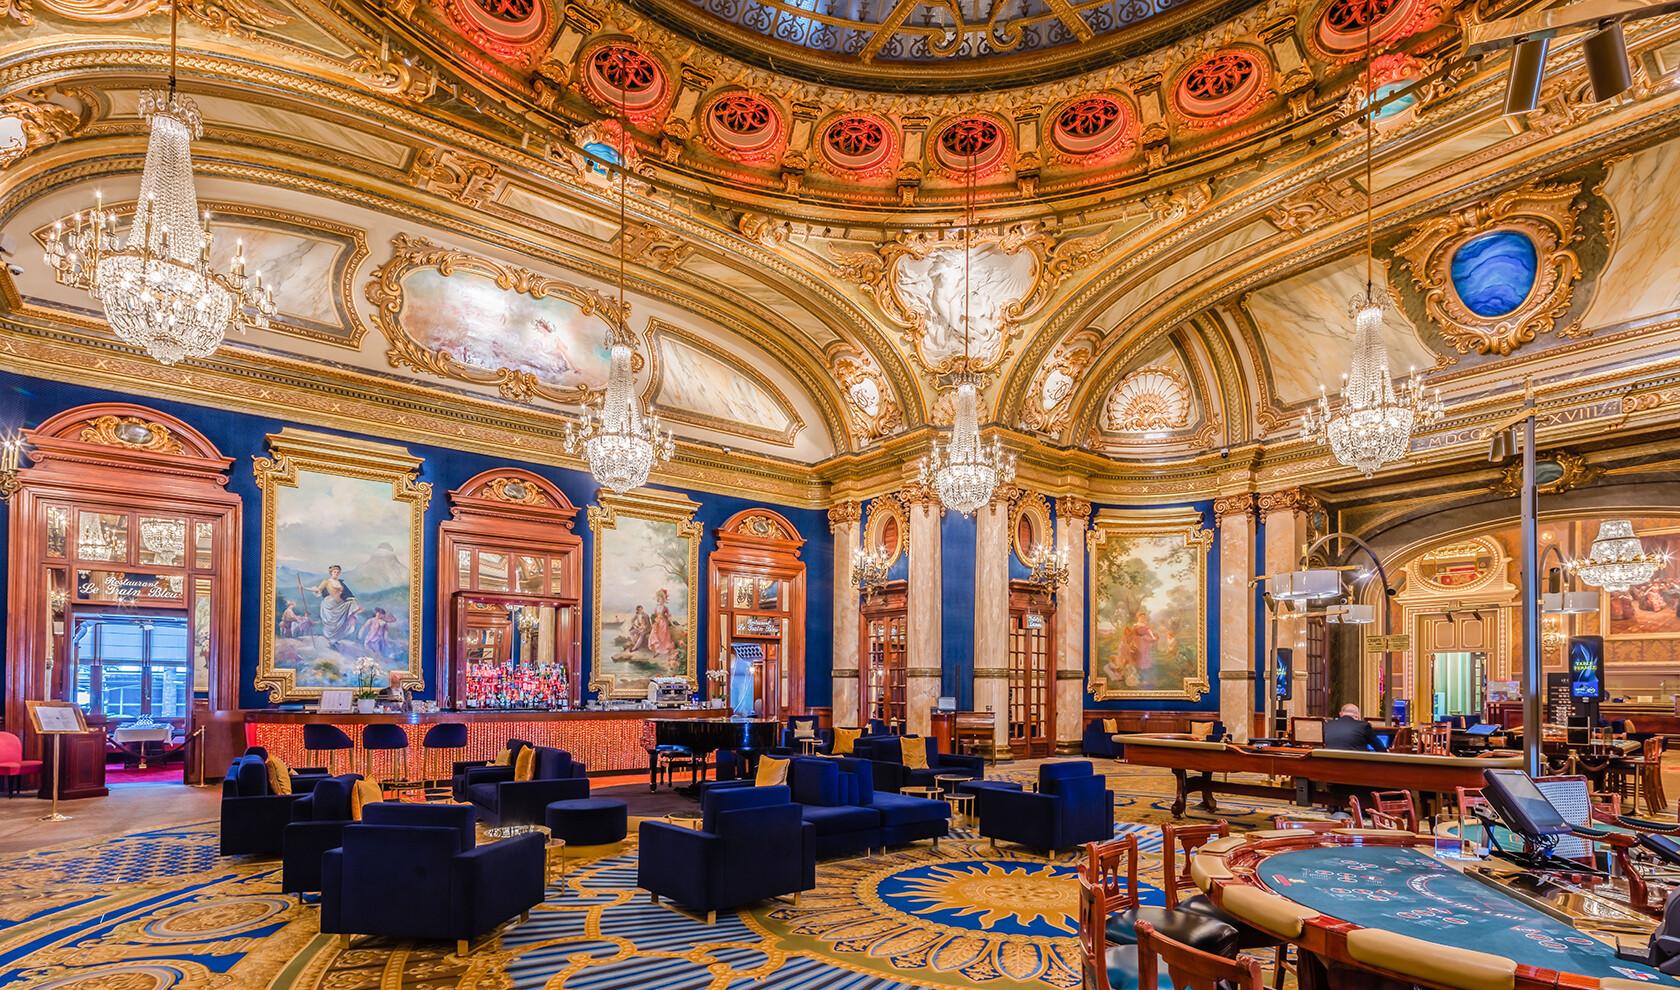 Monaco casino interior